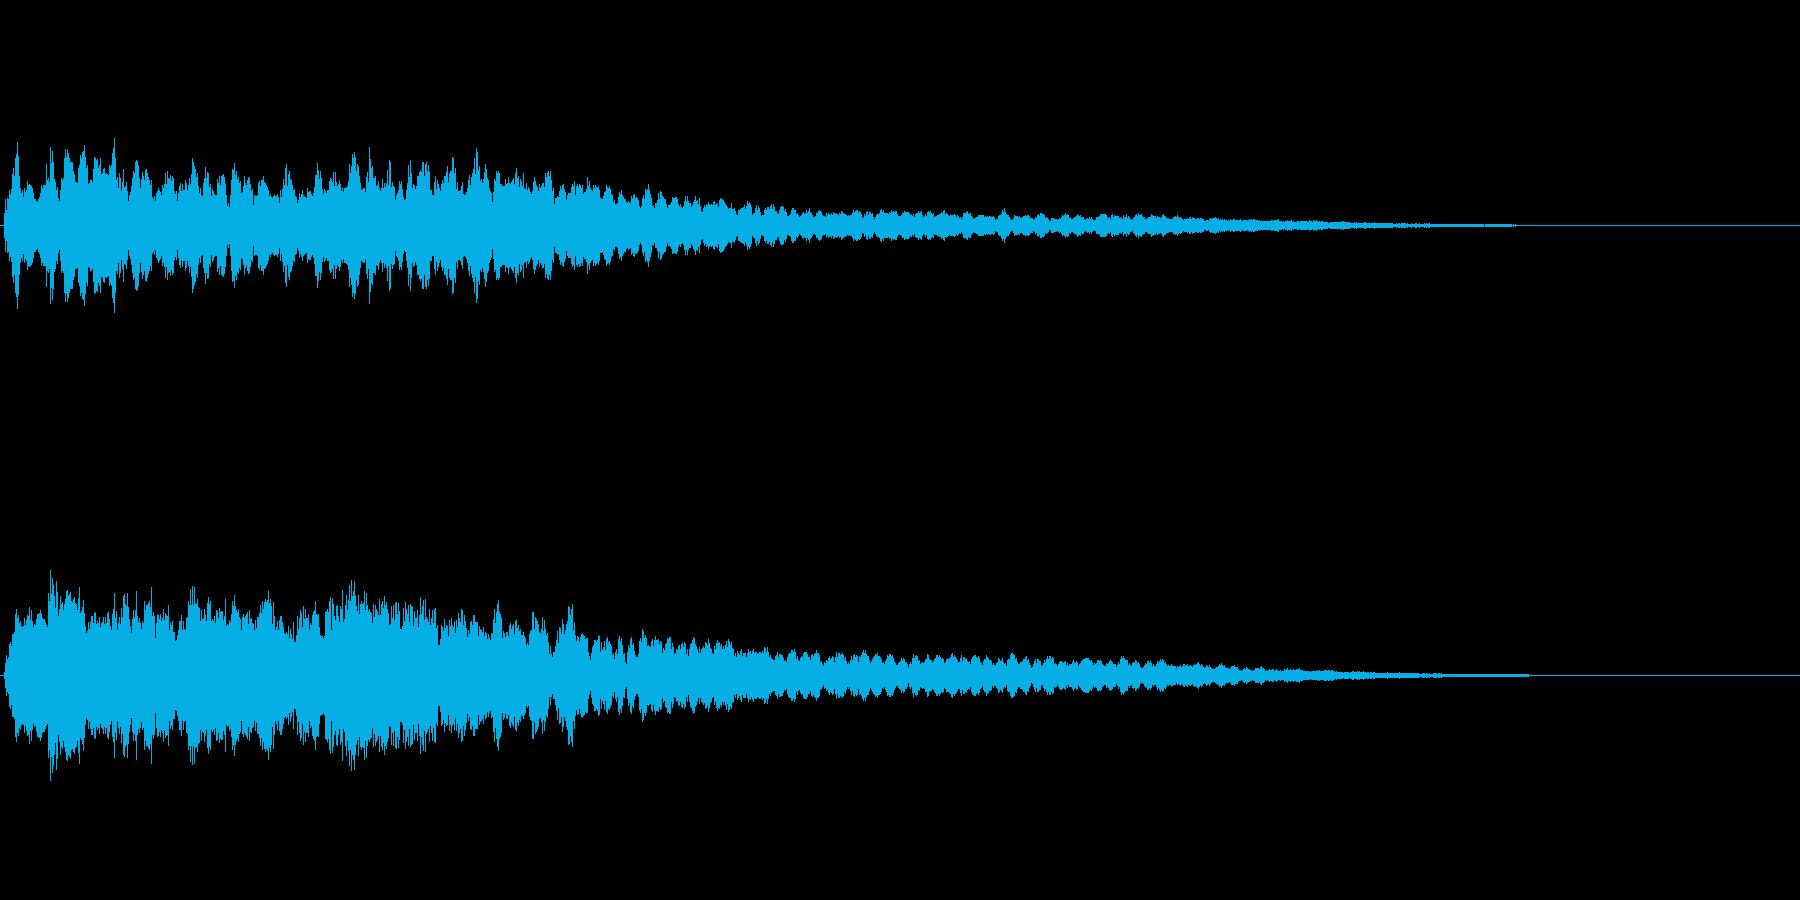 上昇系キラキラサラサラ音の再生済みの波形